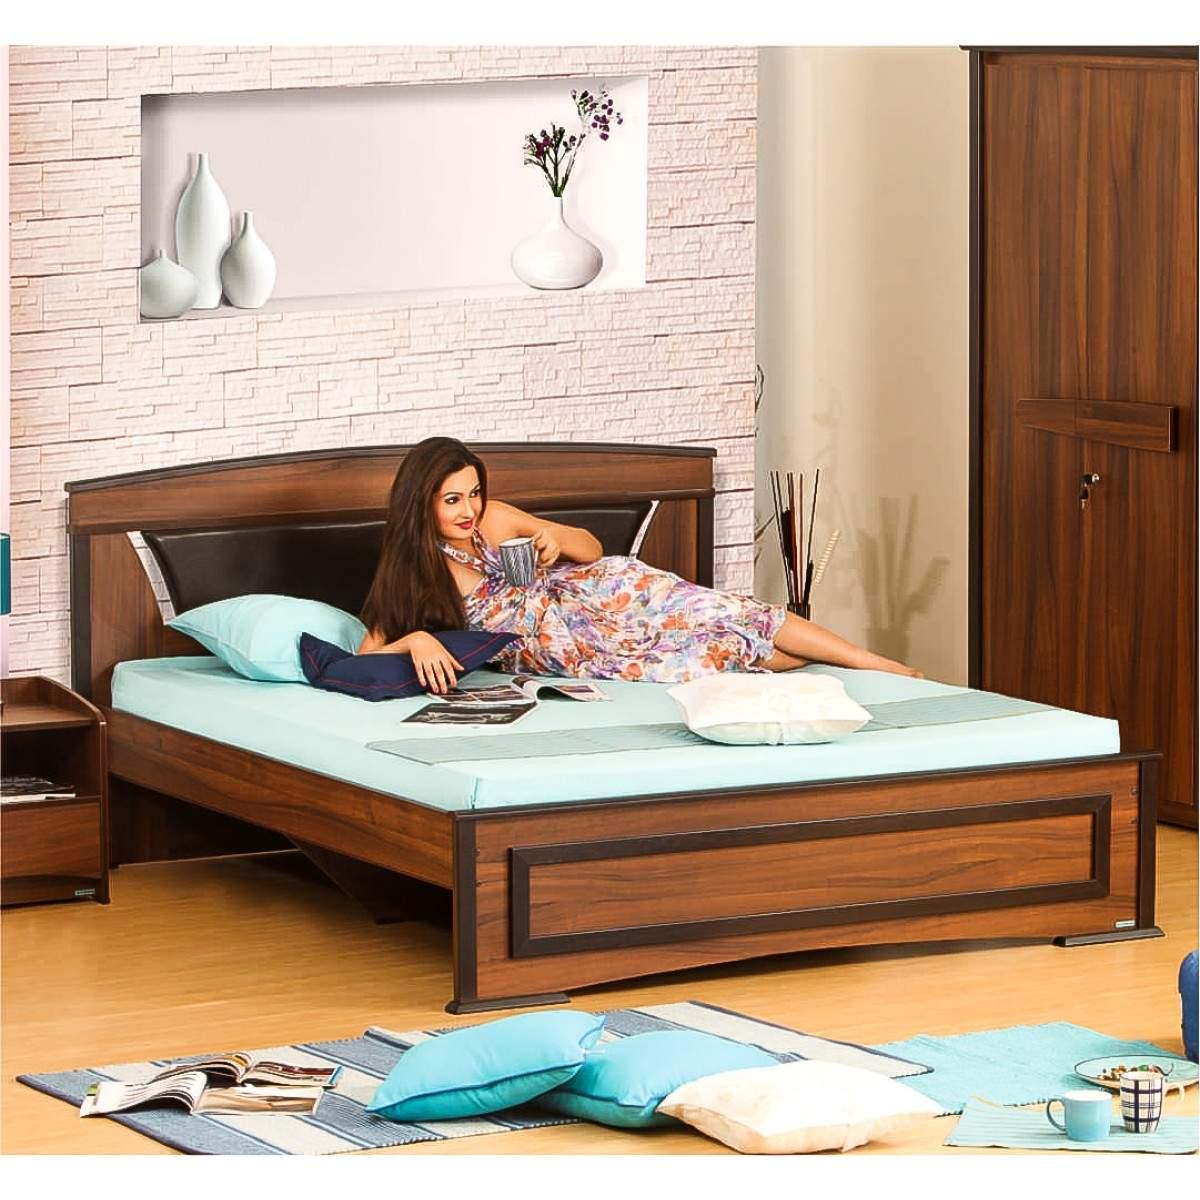 Buy Damro Feori 3 Piece Bedroom Set Features Price Reviews Online In India Justdial